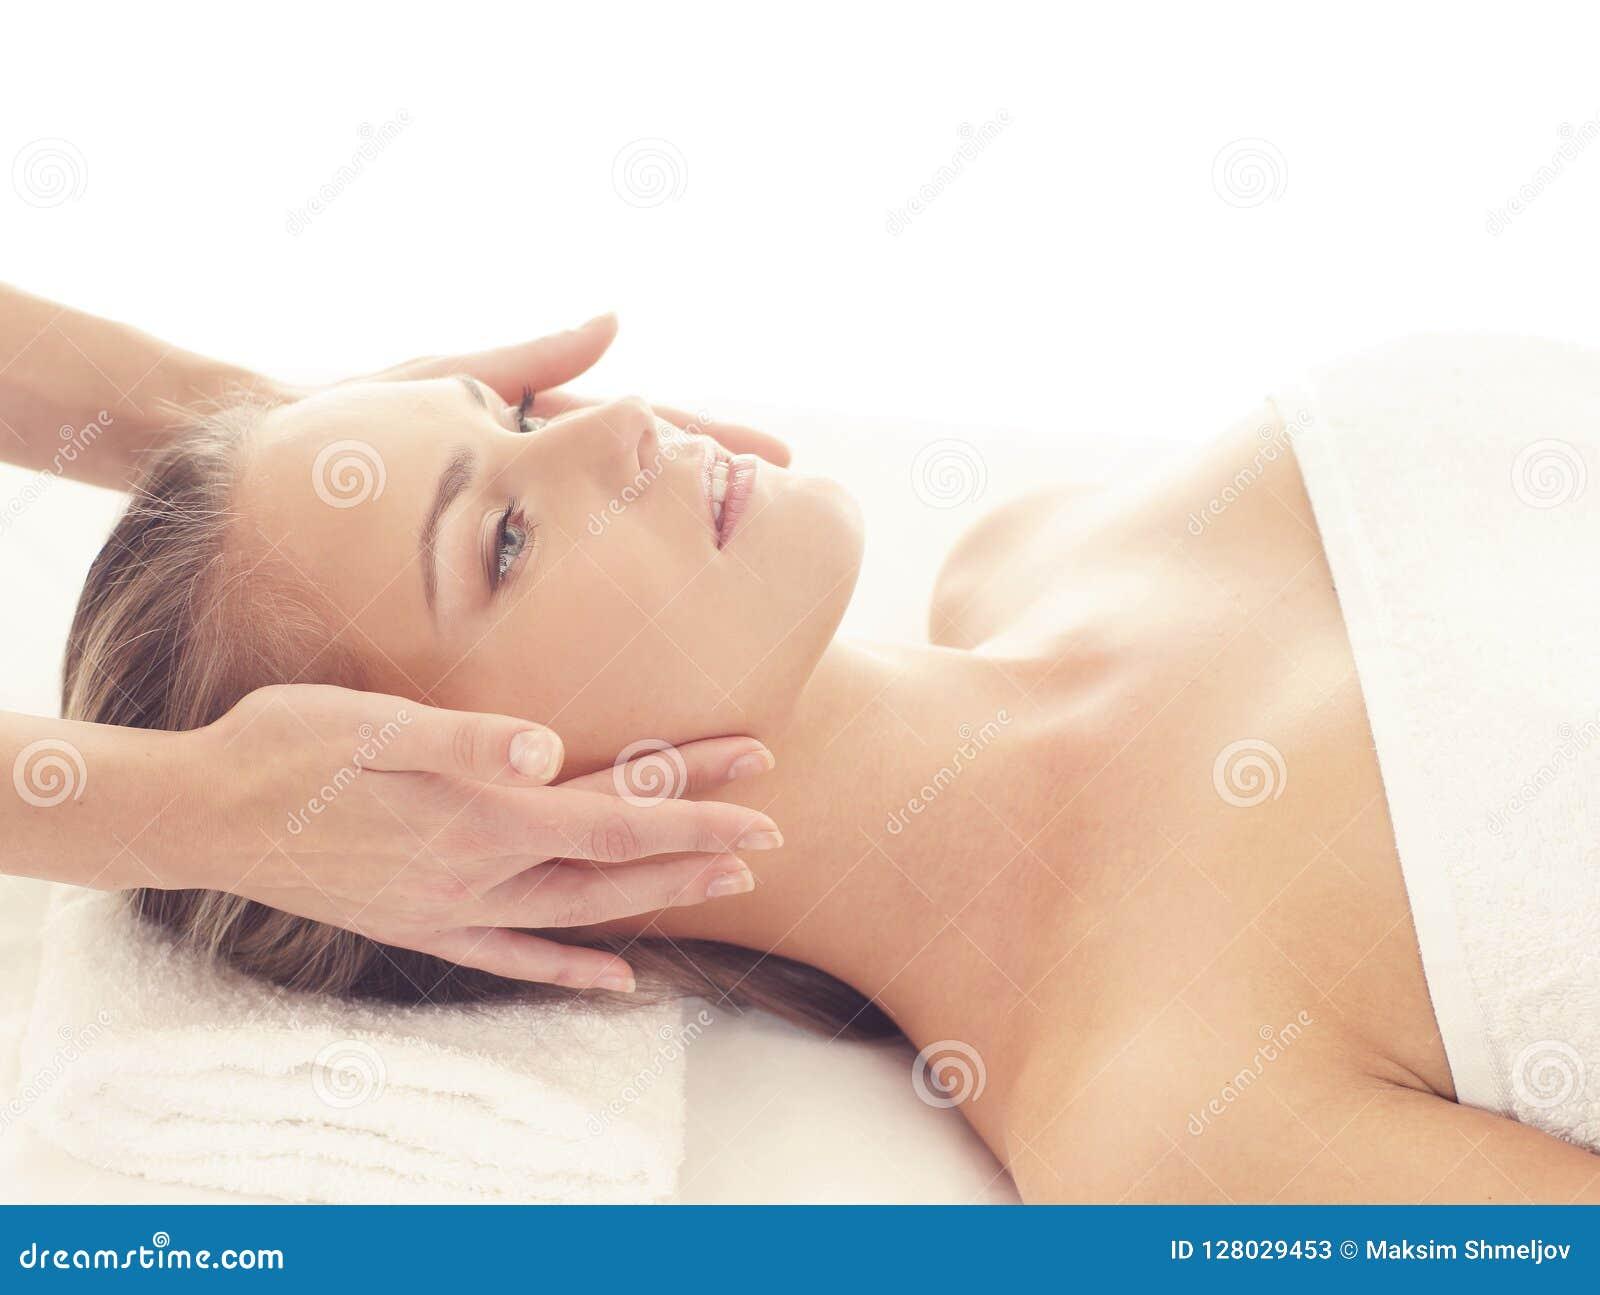 Gezonde en Mooie Vrouw in Kuuroord Recreatie, Energie, Gezondheid, Massage en het Helen